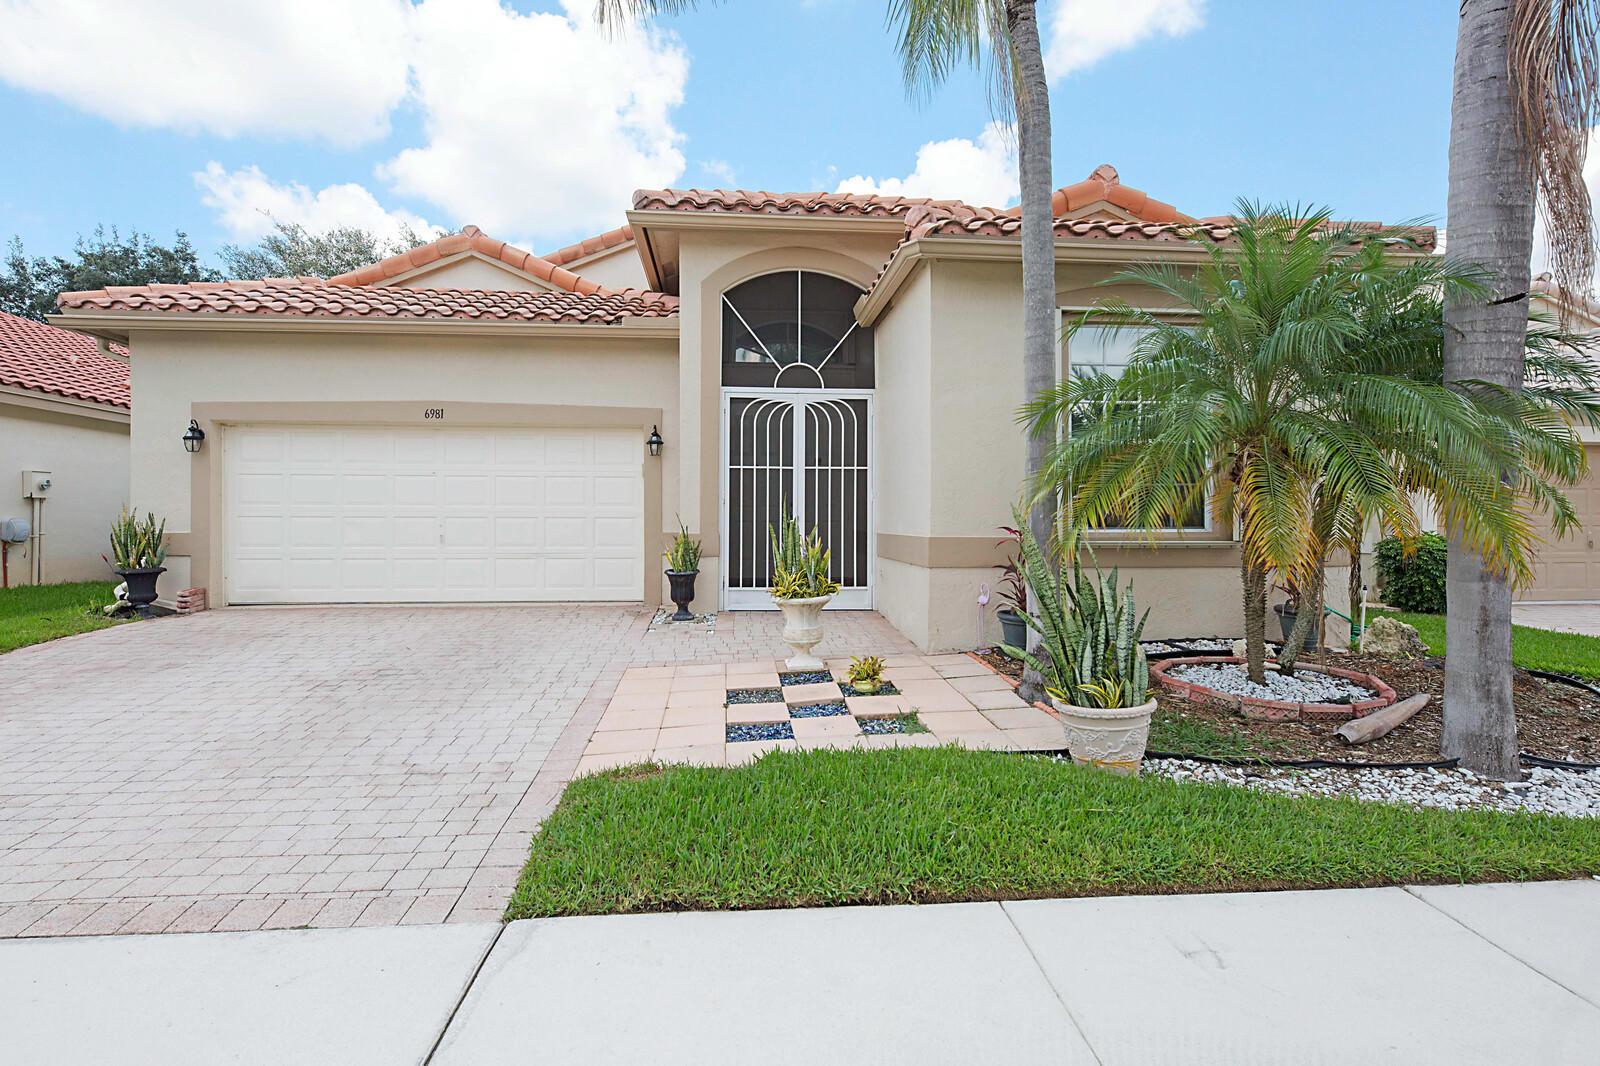 Photo of 6981 Castlemaine Avenue, Boynton Beach, FL 33437